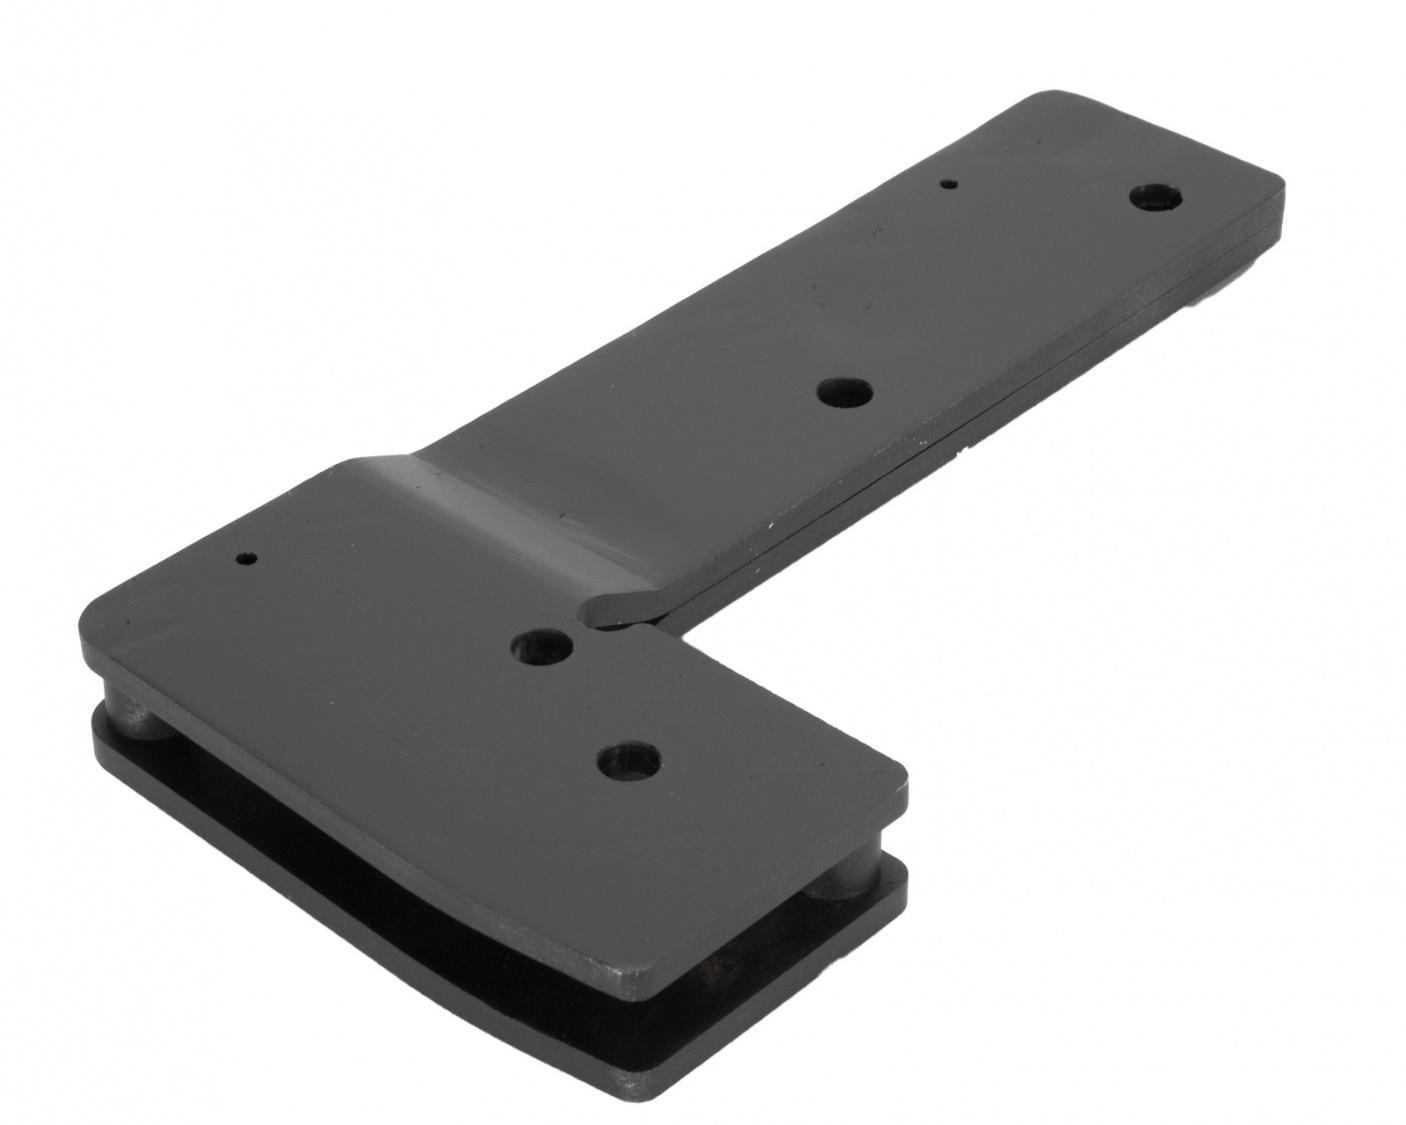 Крепления RCF LINK BAR HDL 10-HDL 15 Дополнительный кронштейн для монтажа HDL10 к HDL15 в подвесном кластере (в комплекте 2 шт.) rcf stck bar nxl23